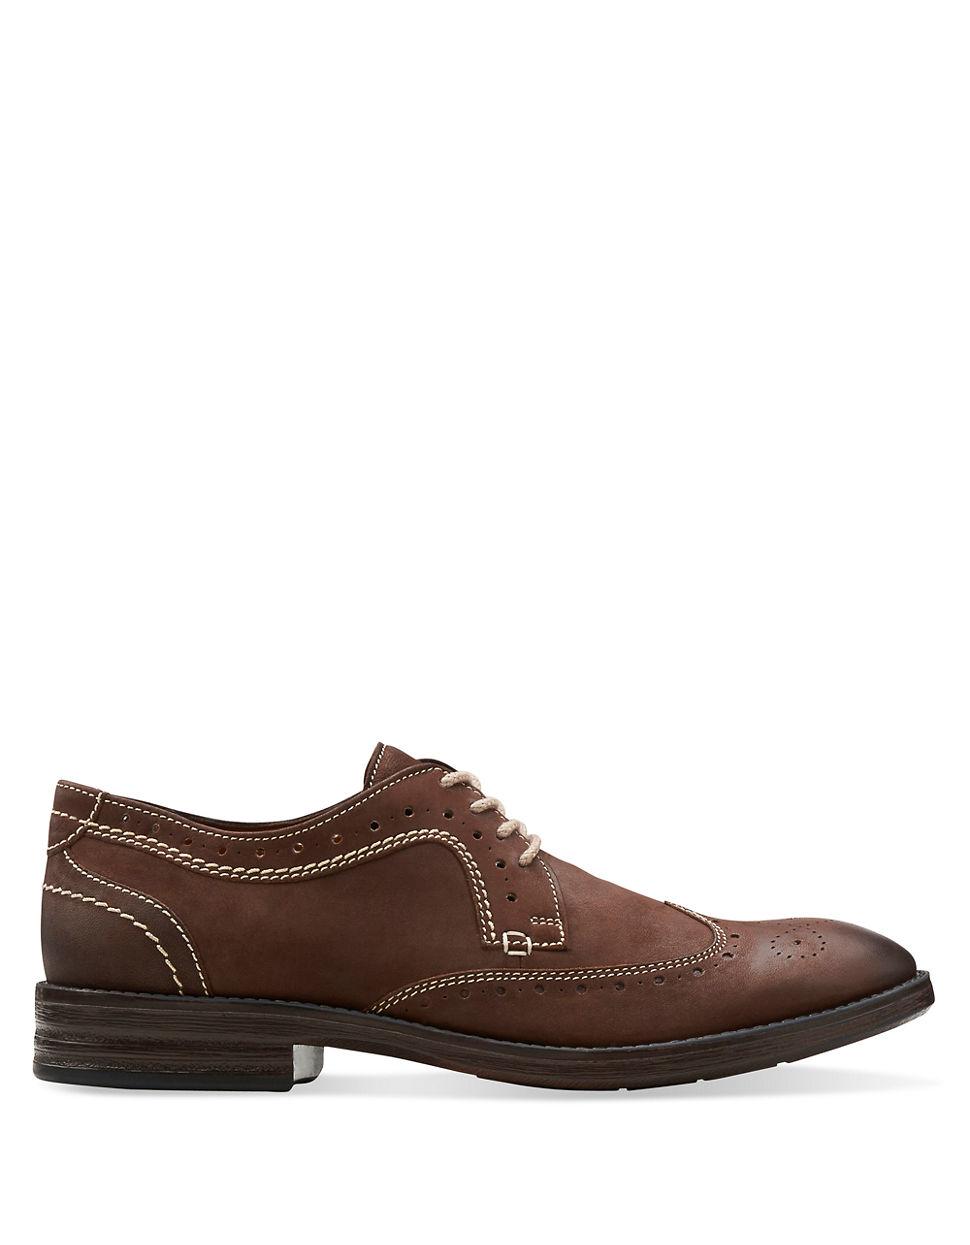 Clarks Shoes Delsin